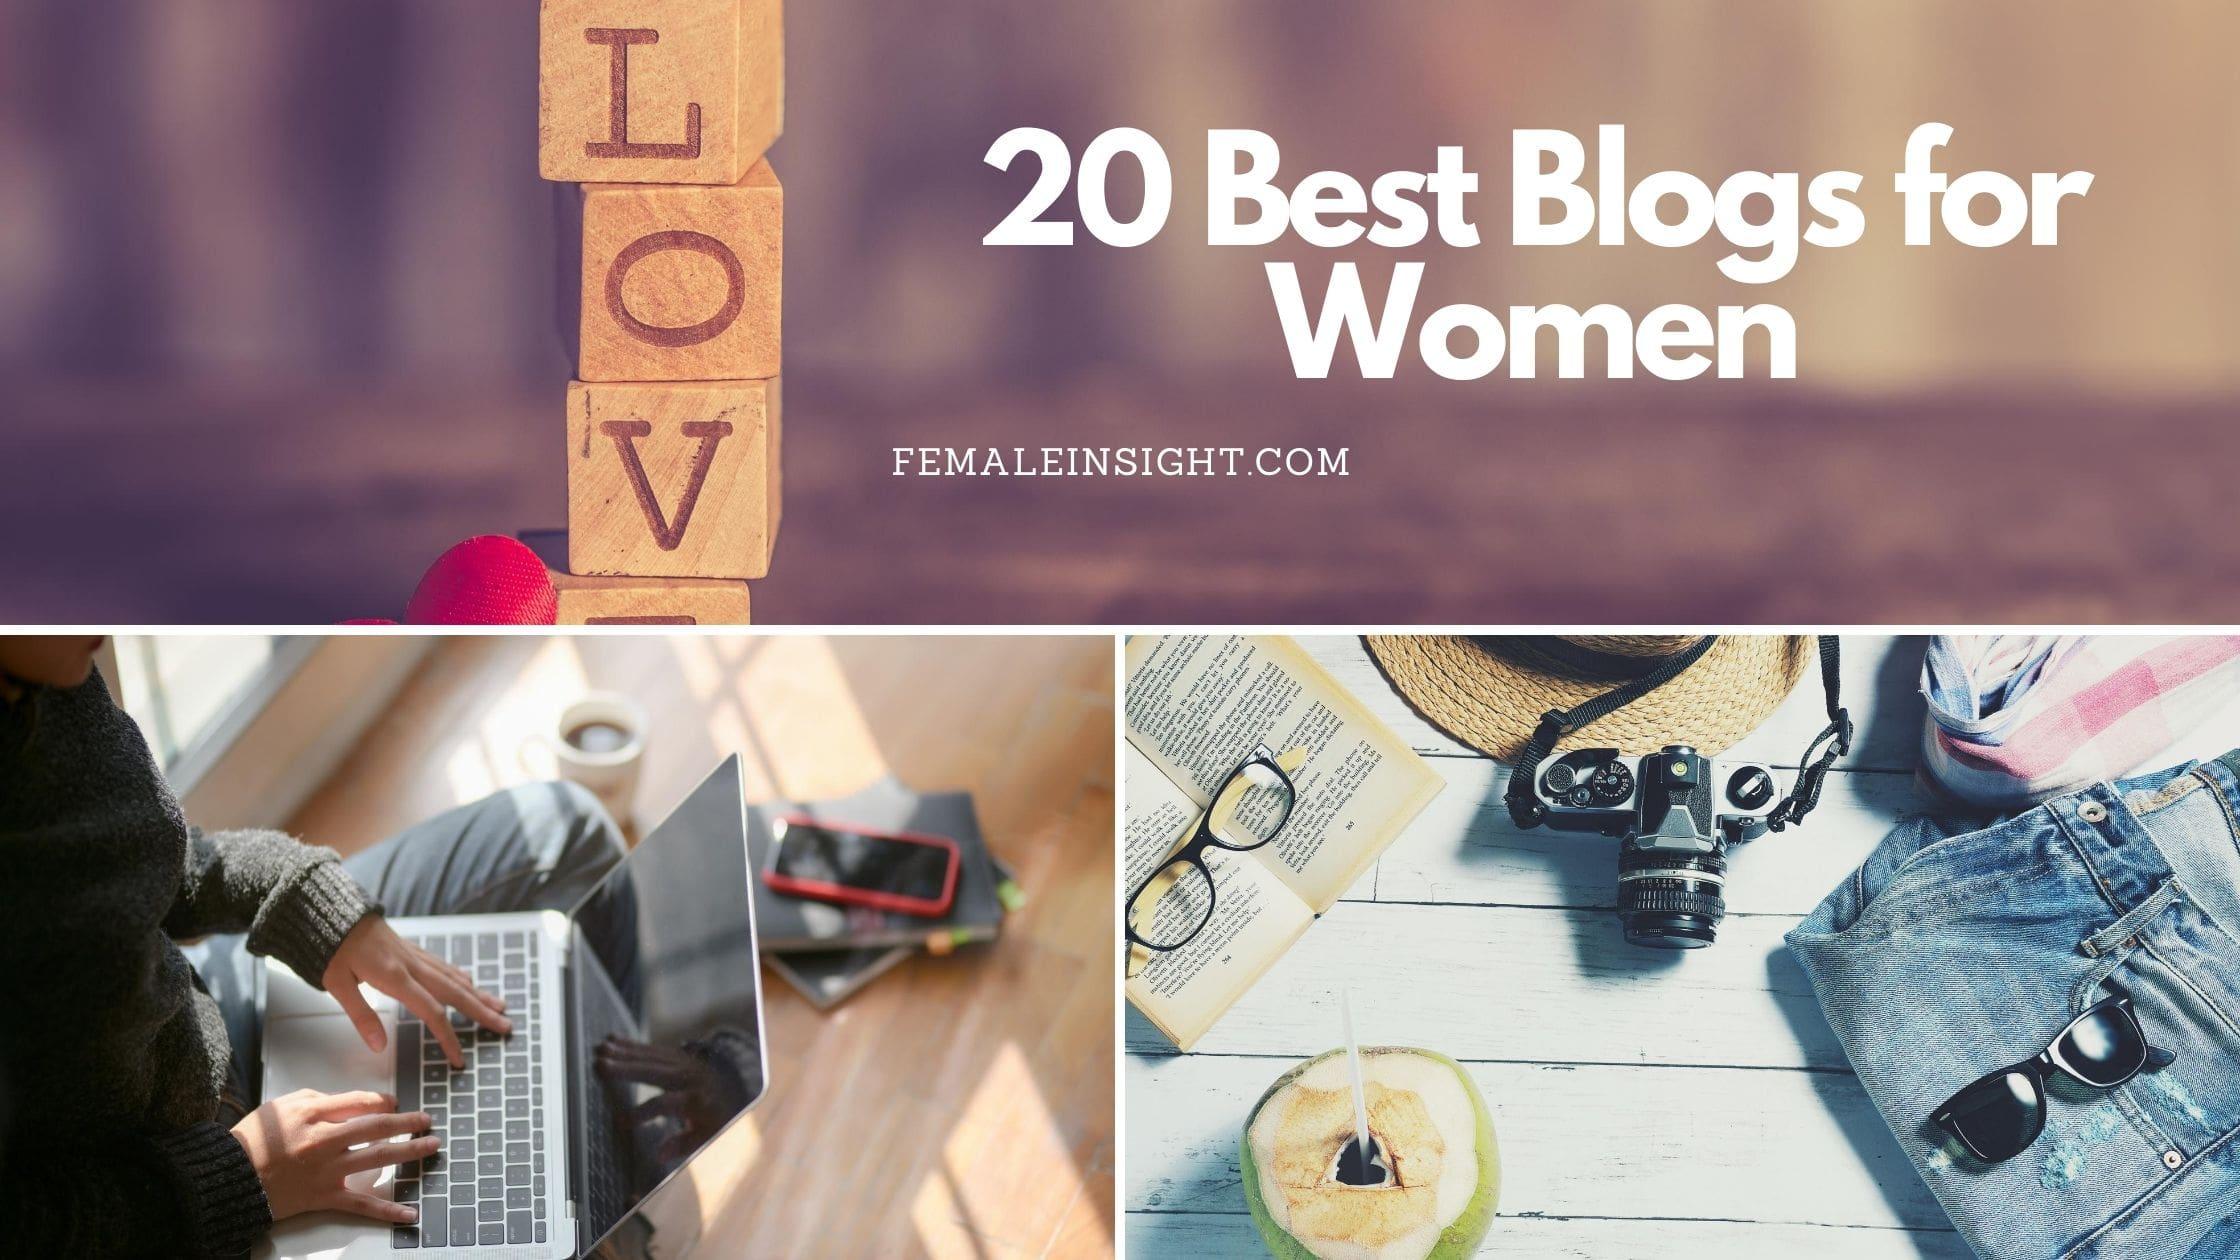 20 Best Blogs for Women